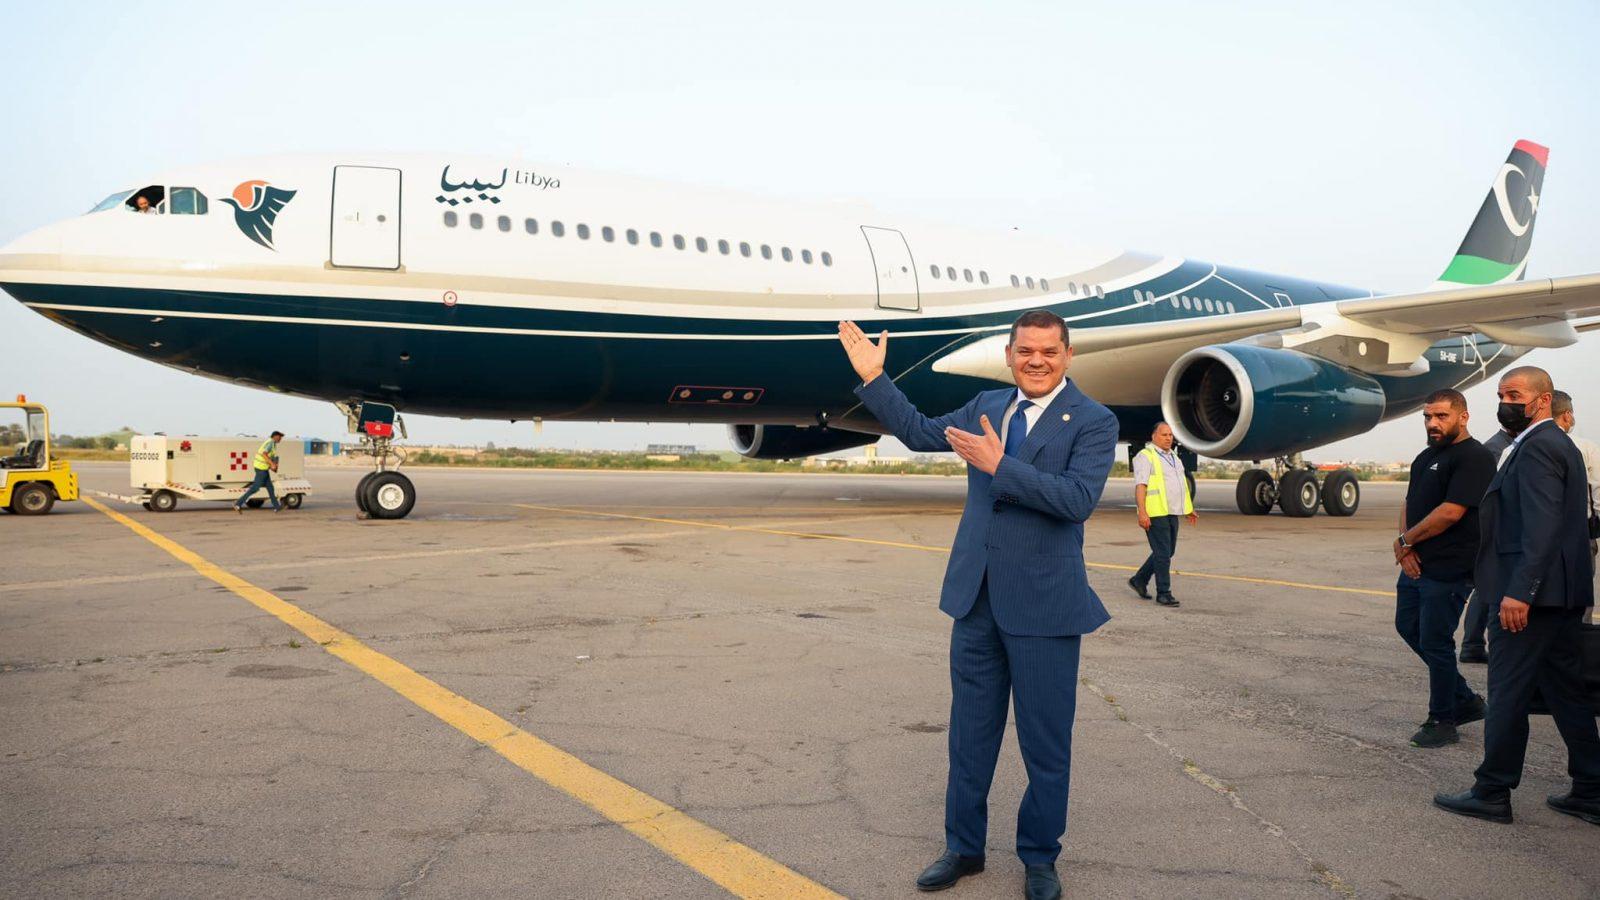 ليبيا تسترجع الطائرة الخاصة للقذافي